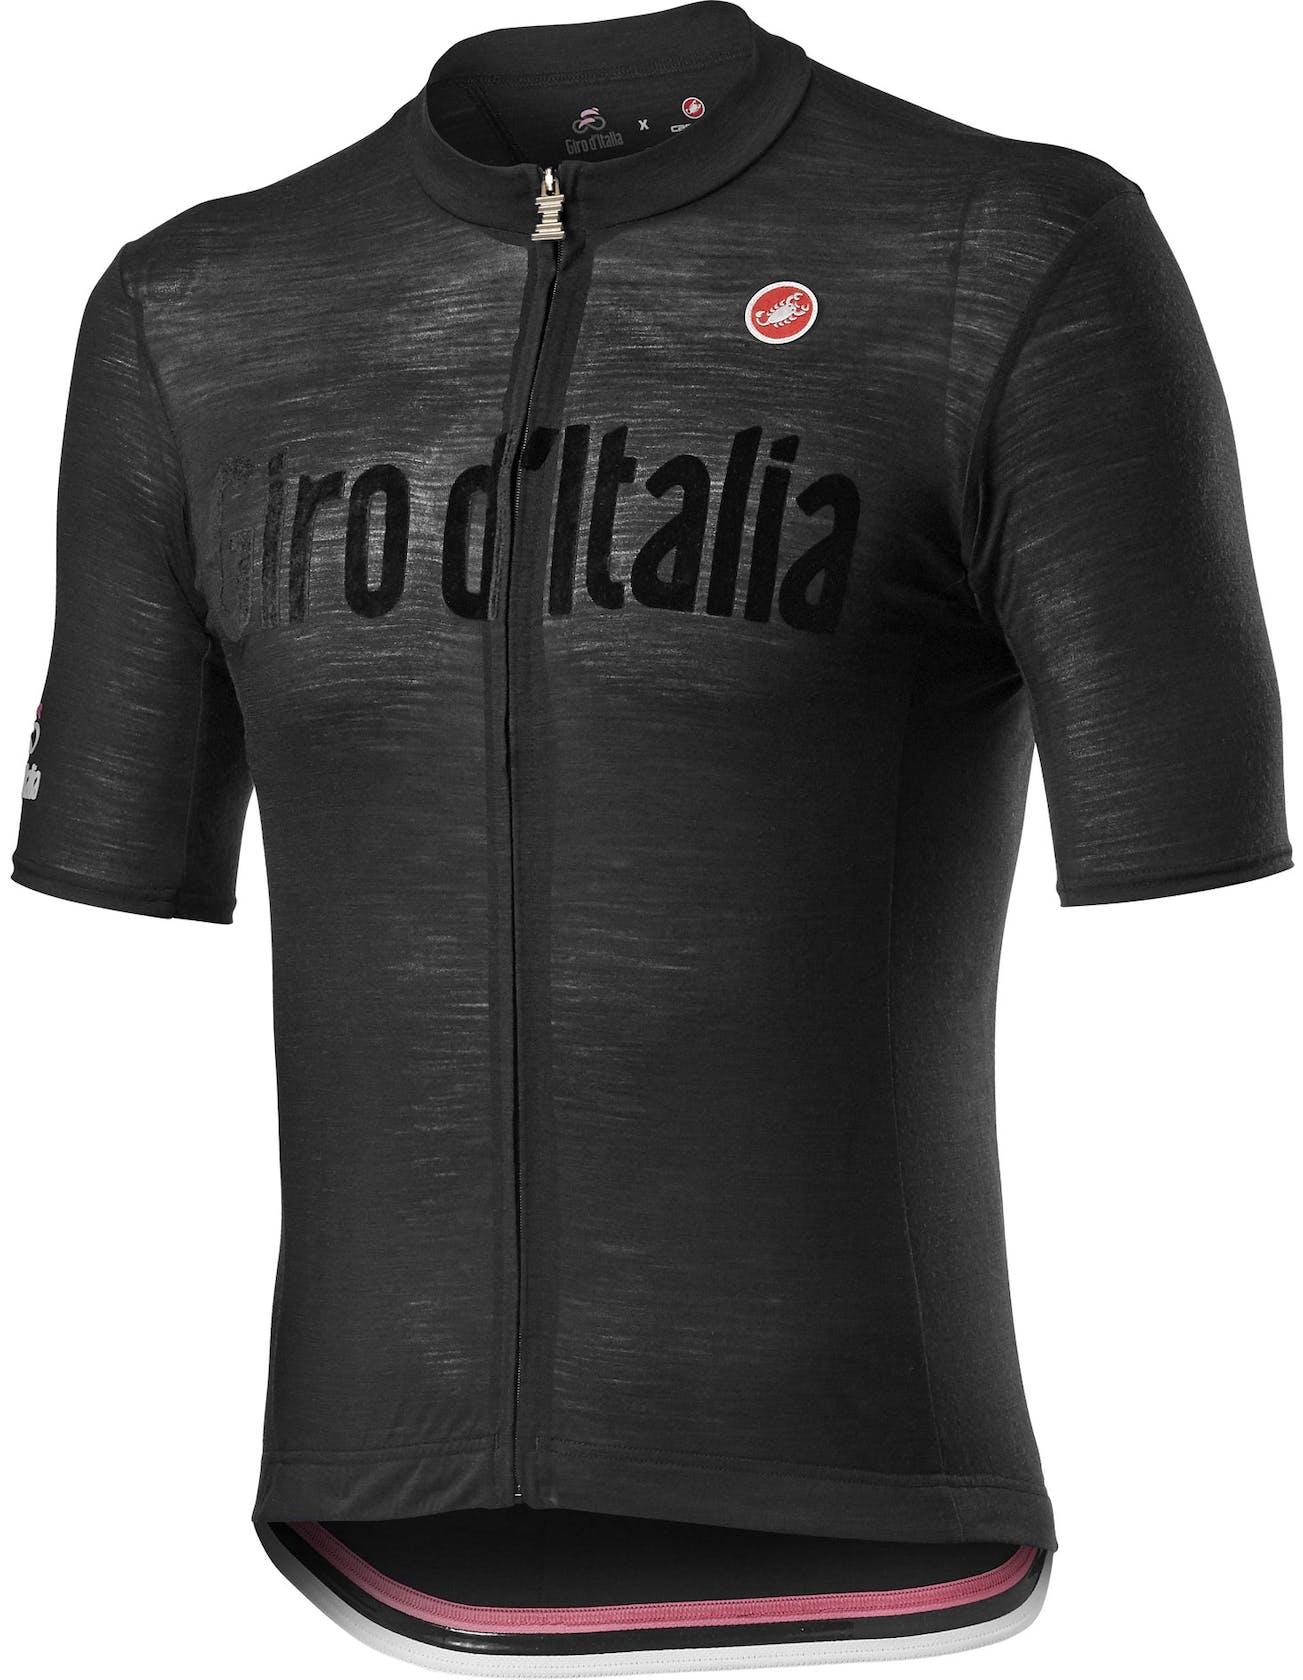 Castelli Heritage Giro d'Italia 2020 - Etappentrikot - Herren